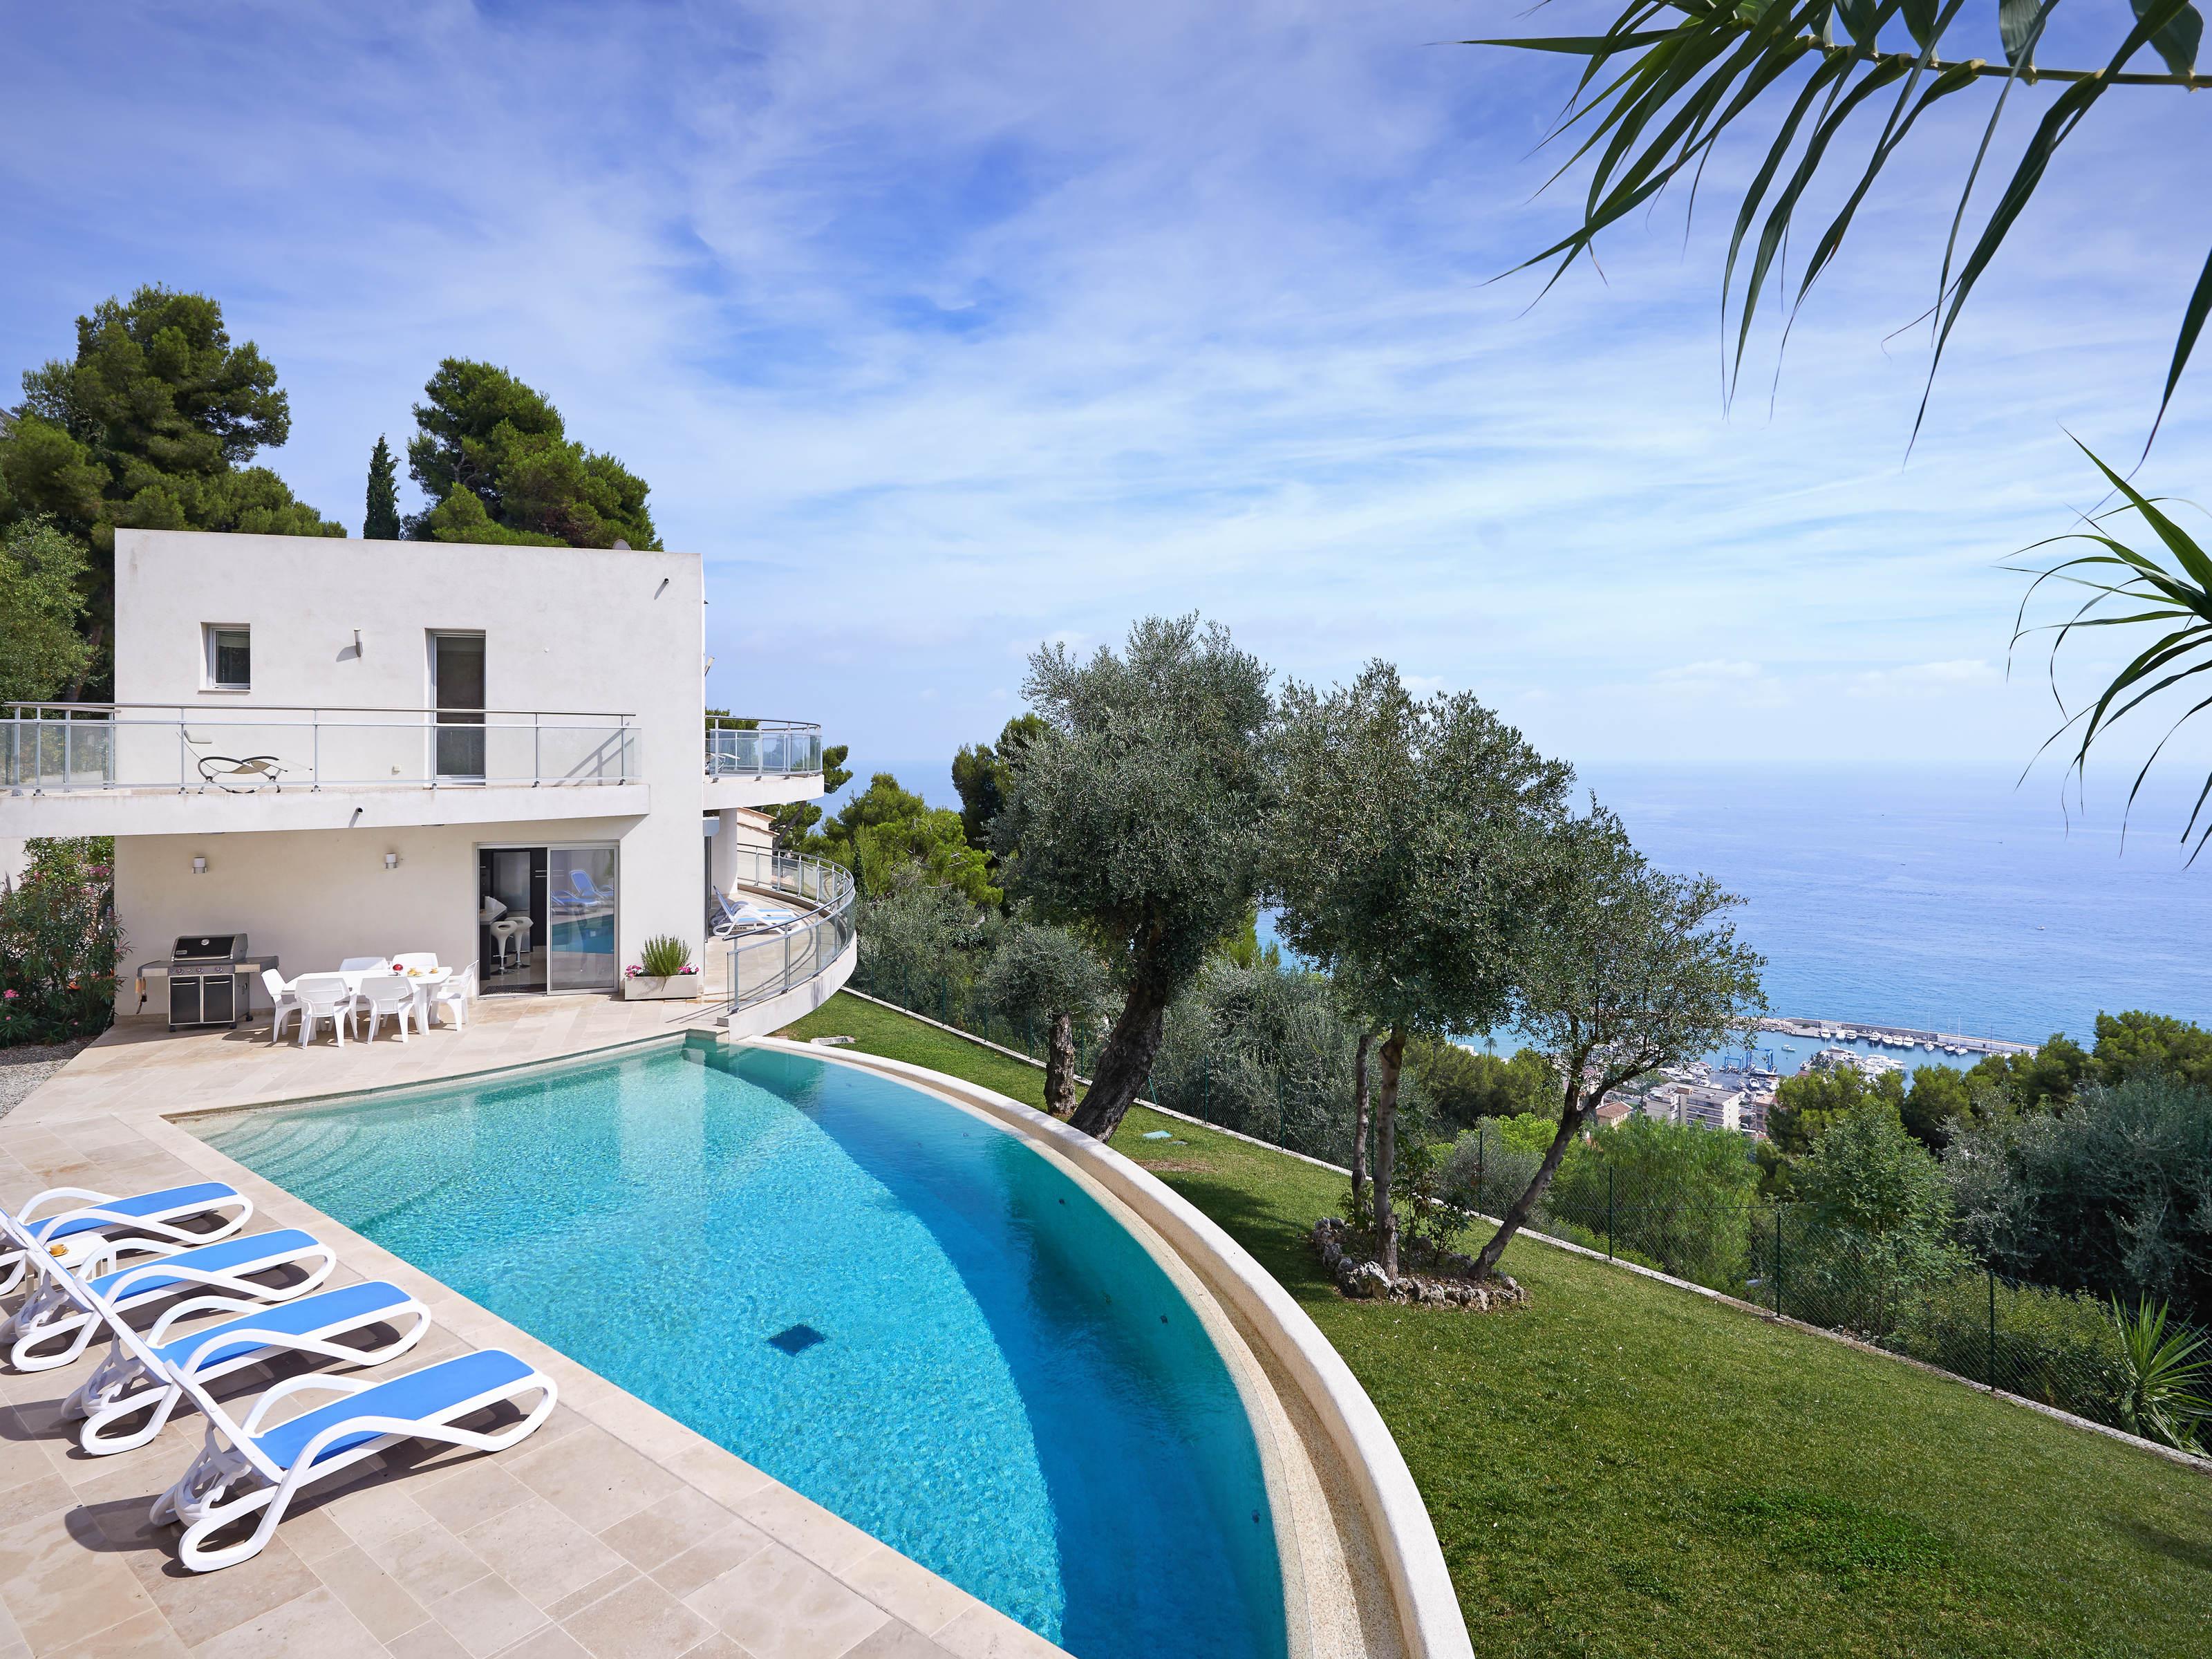 一戸建て のために 売買 アット Villa Menton Other Provence-Alpes-Cote D'Azur, プロバンス=アルプ=コート・ダジュール 06500 フランス